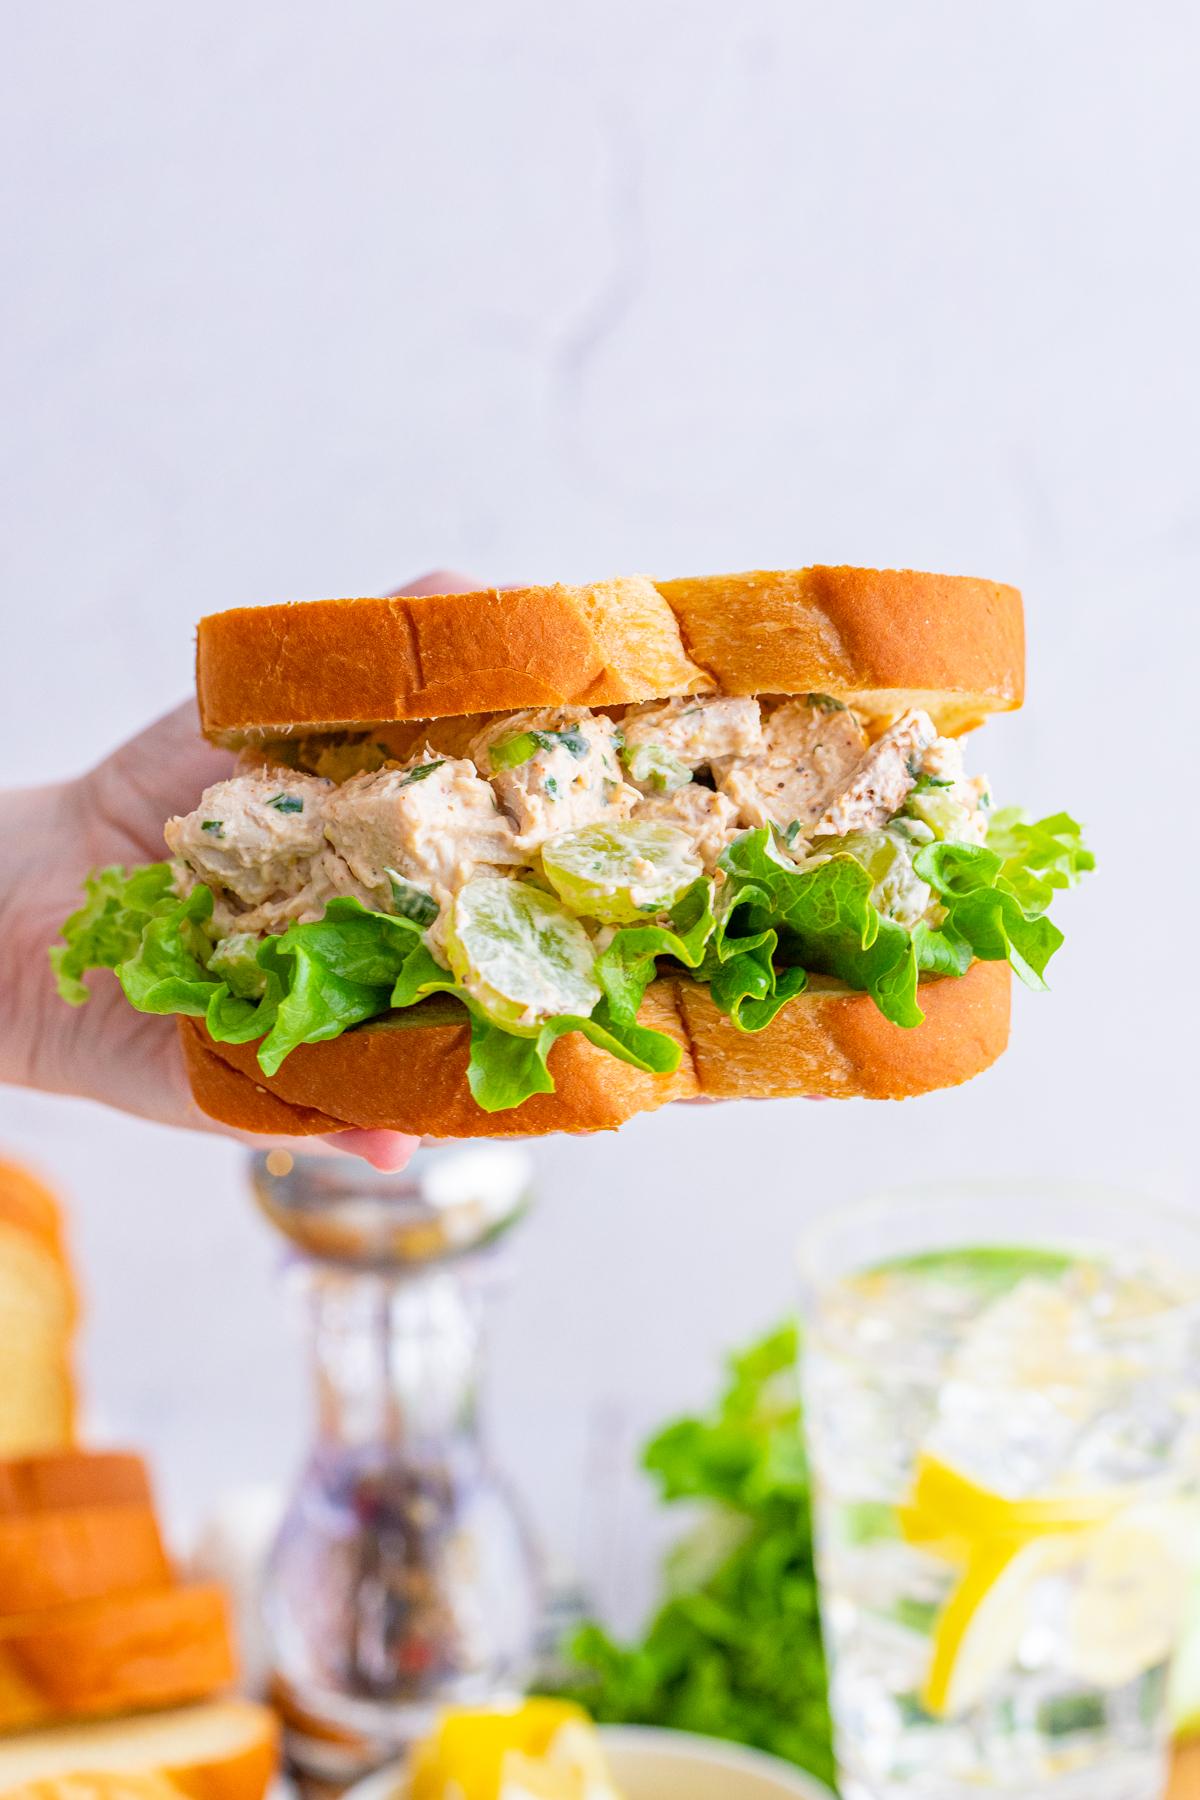 Hand holding Chicken Salad Sandwich